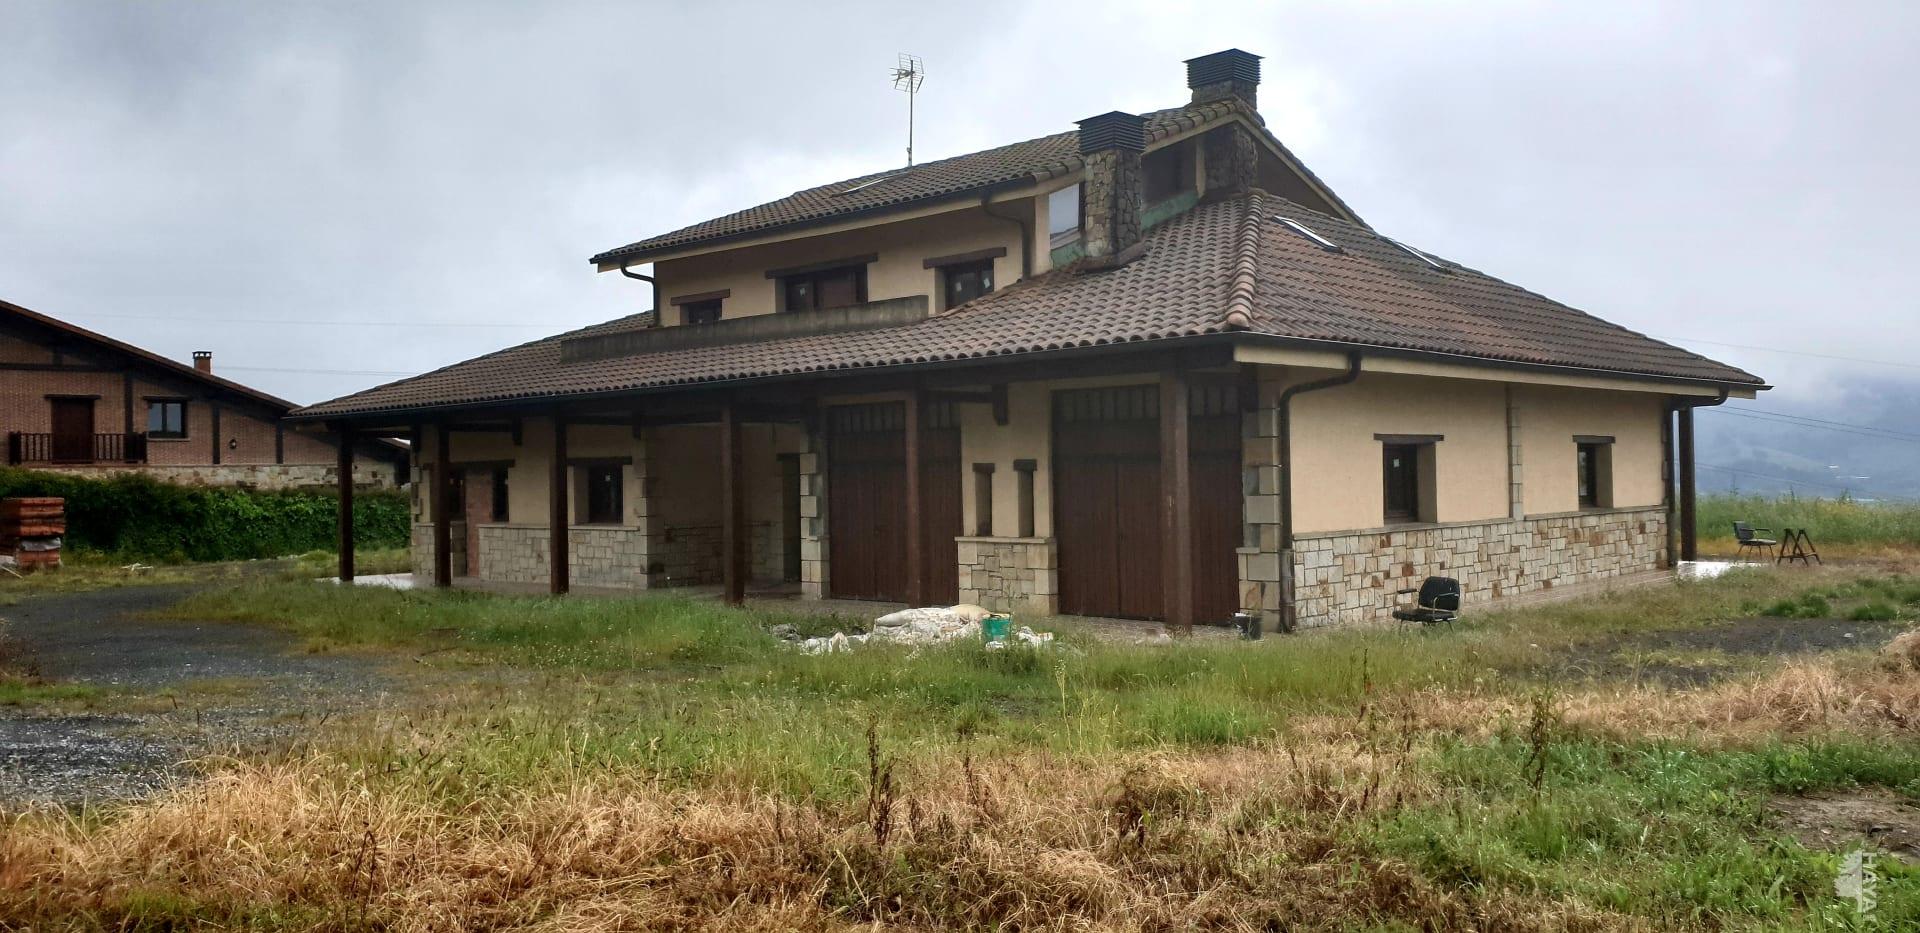 Casa en venta en Elorrio, Elorrio, Vizcaya, Calle Colonia Mendraka, 444.000 €, 4 habitaciones, 3 baños, 346 m2